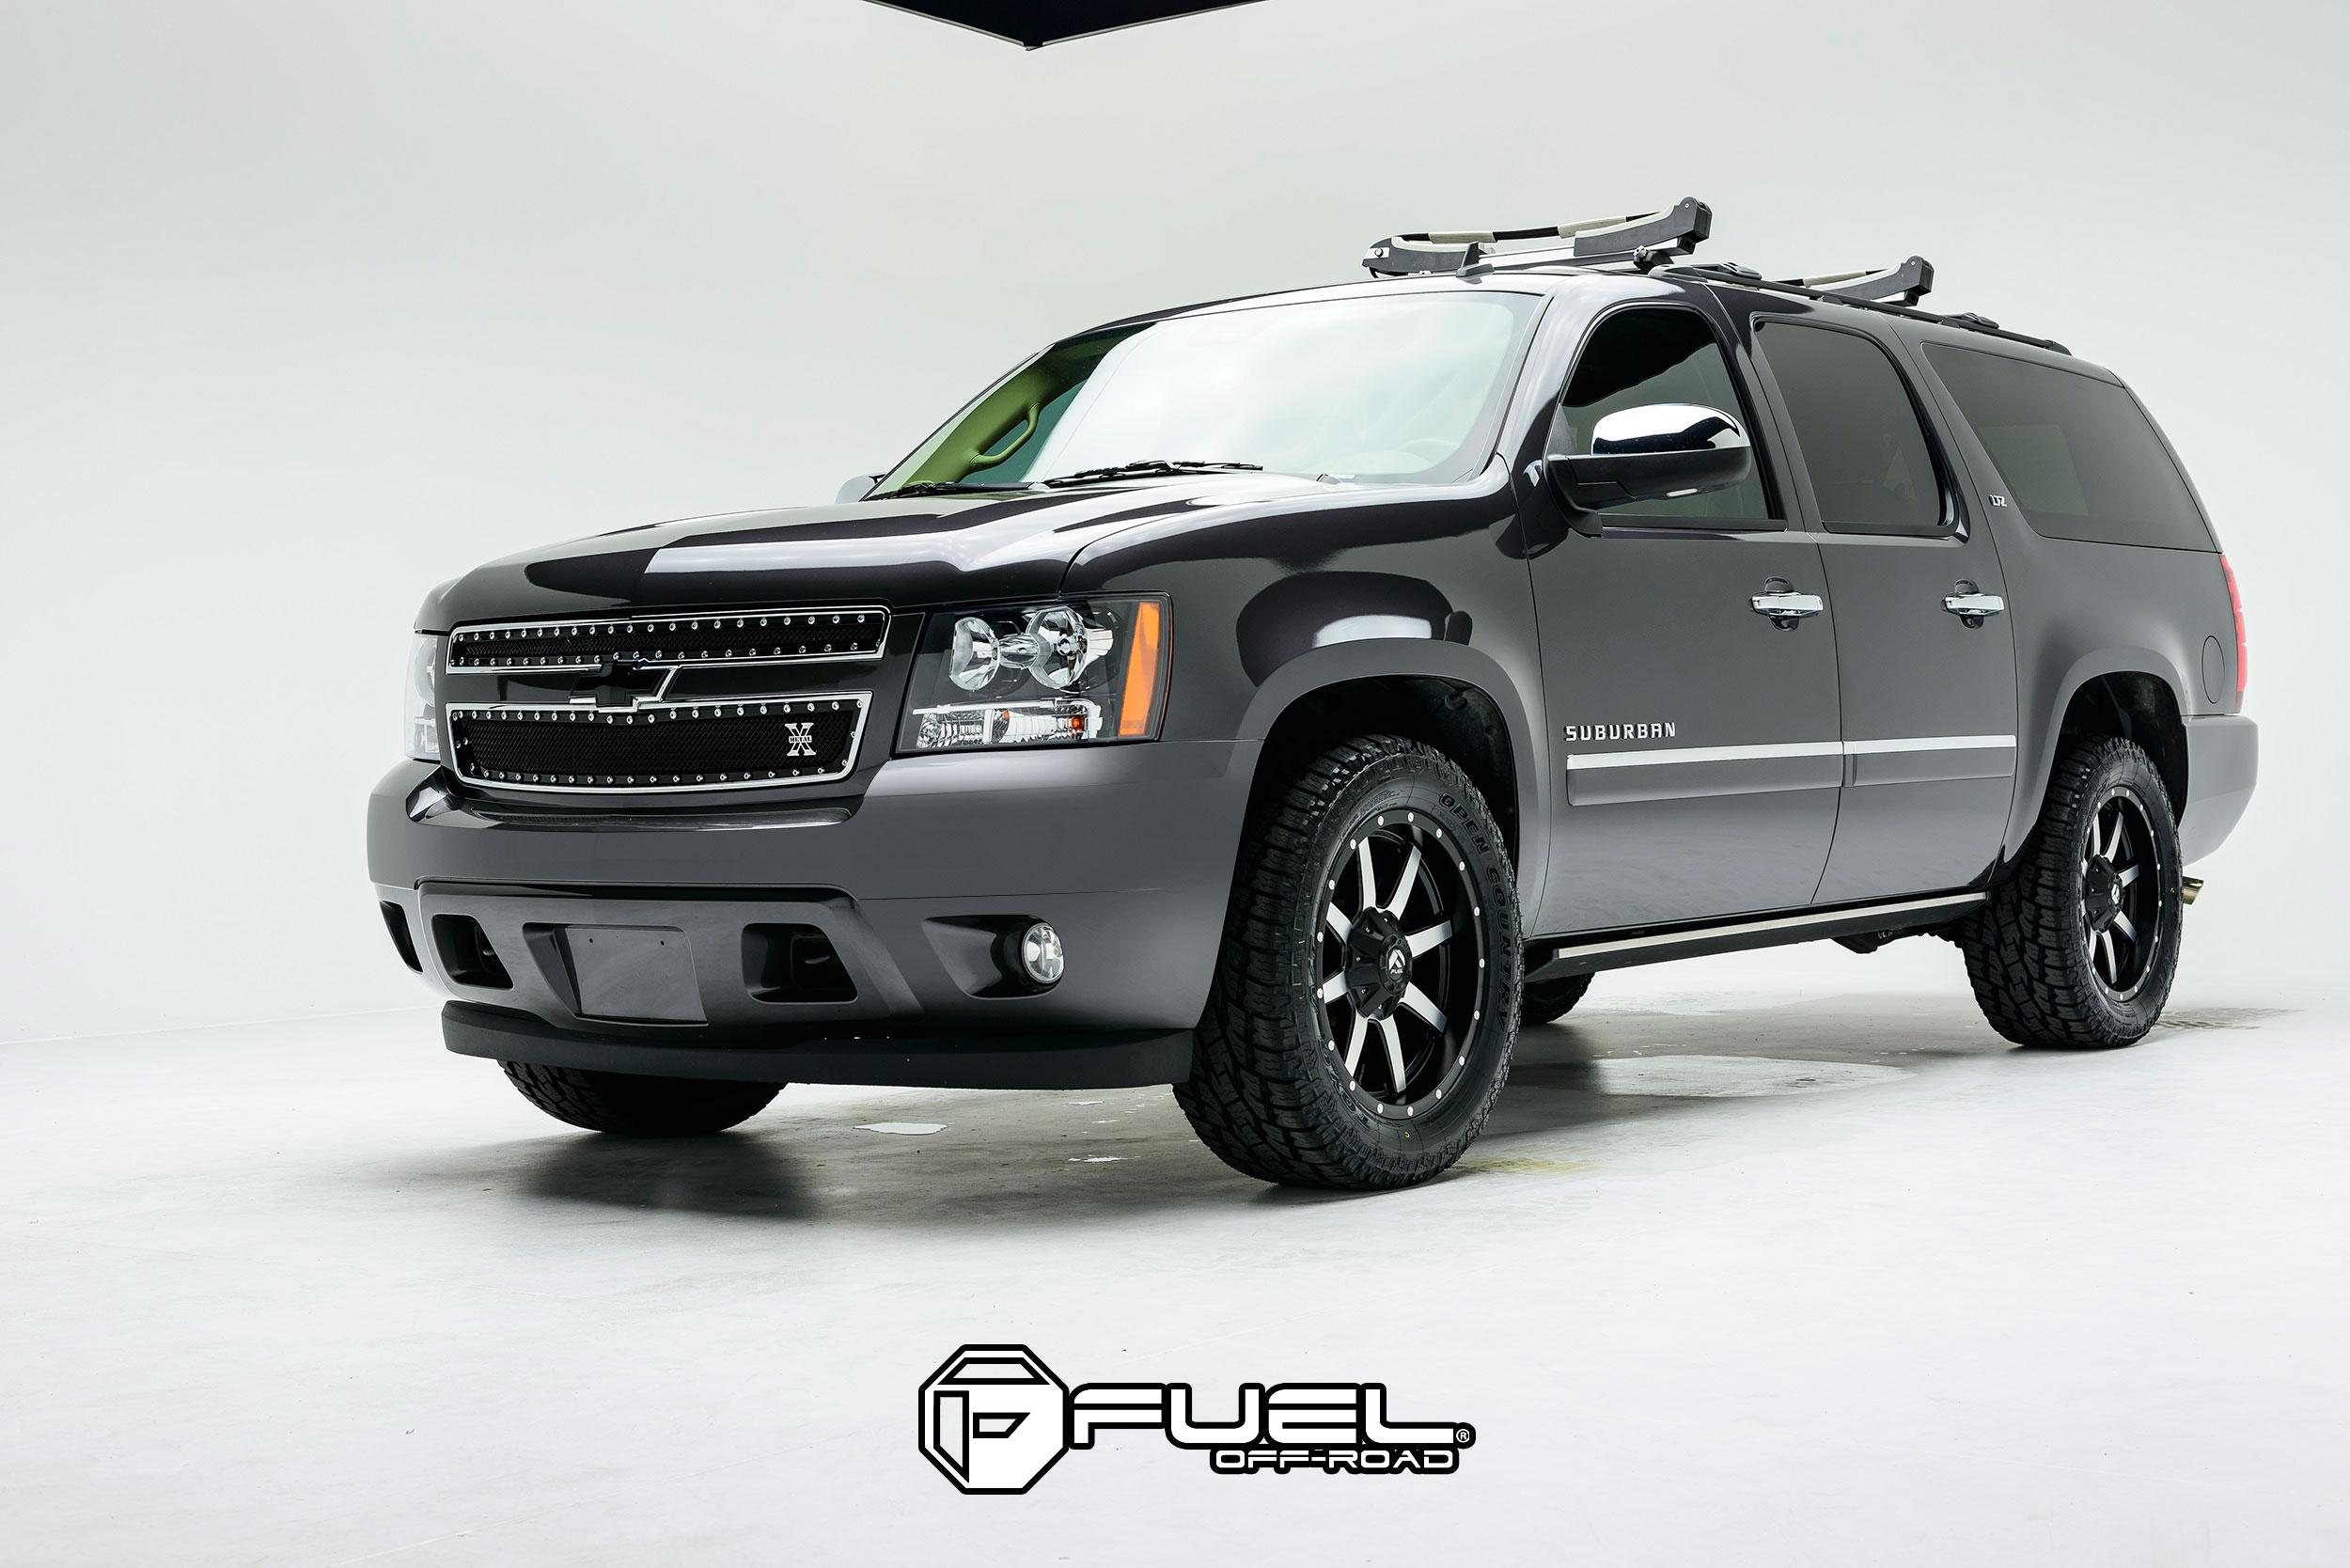 Chevrolet Suburban Maverick - D537 Gallery - Fuel Off-Road ...